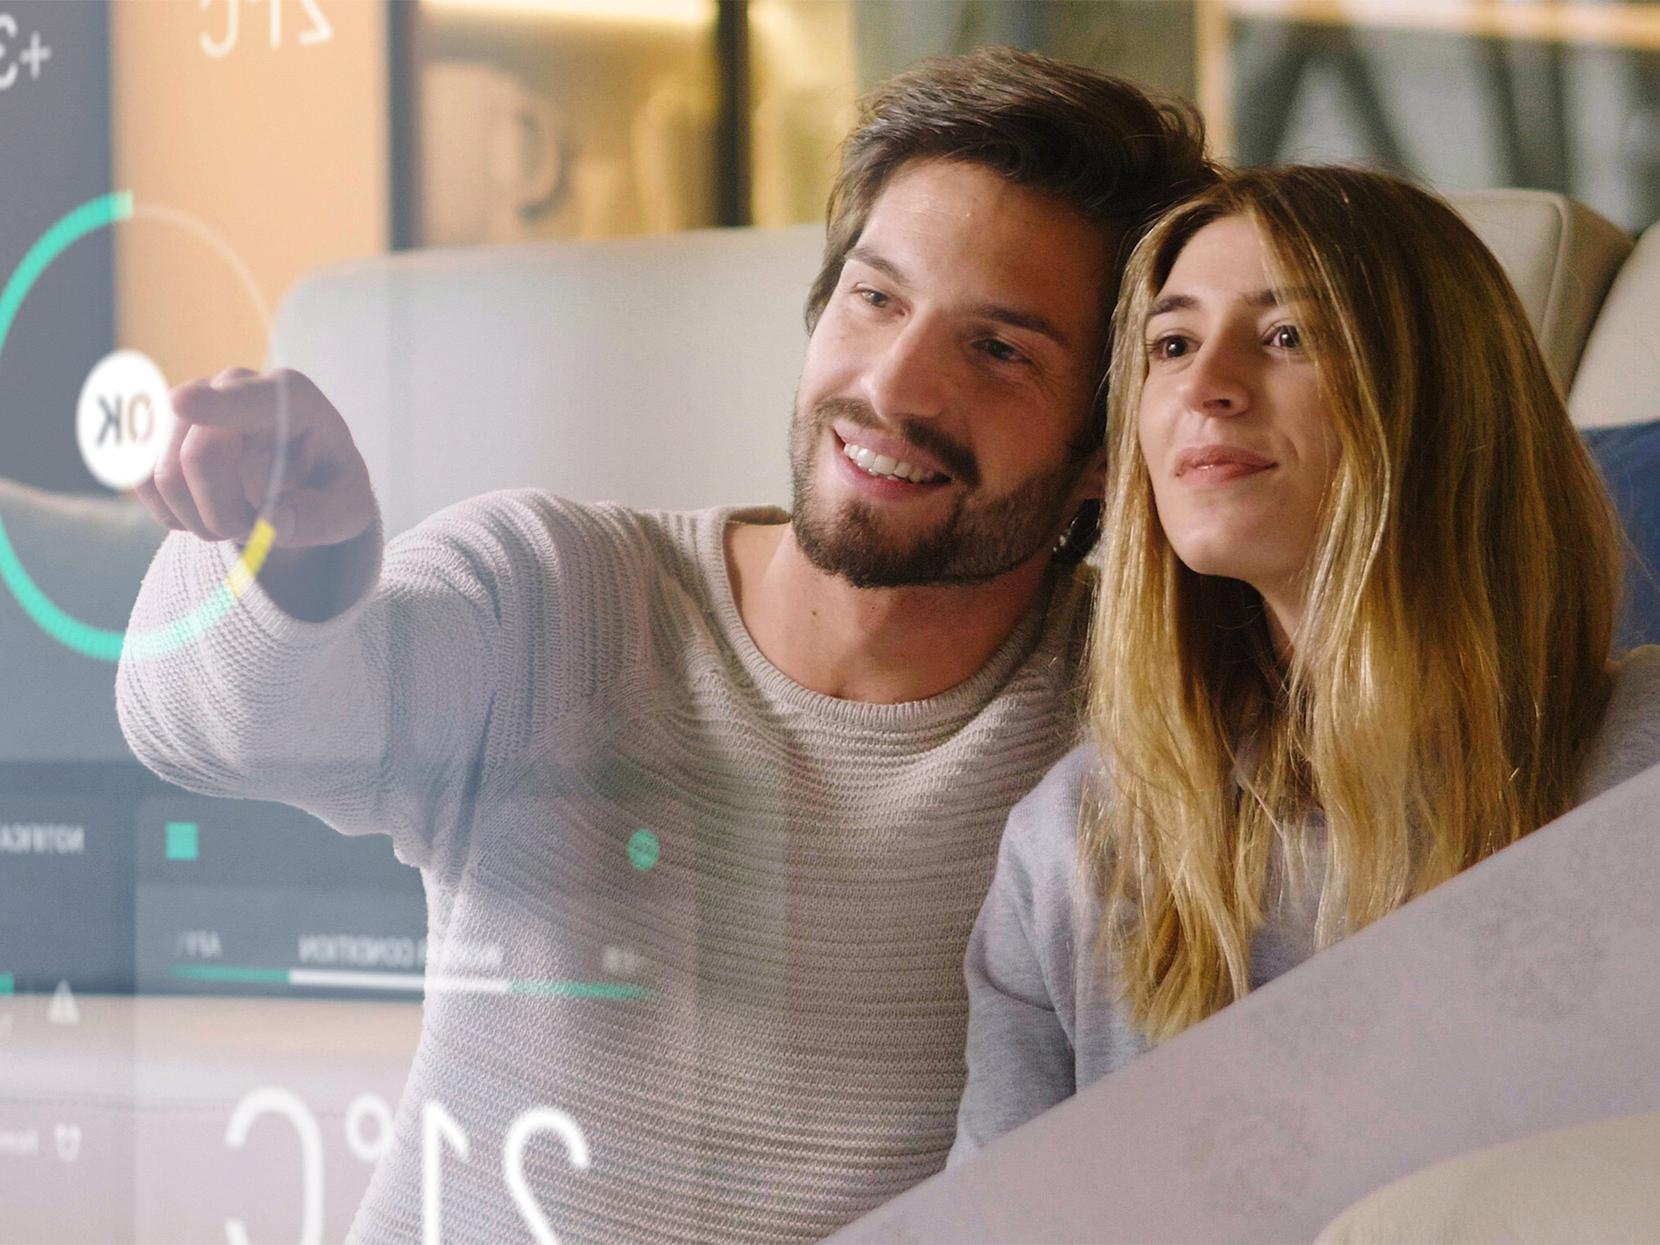 Une femme et un homme souriants pointant un grand écran transparent